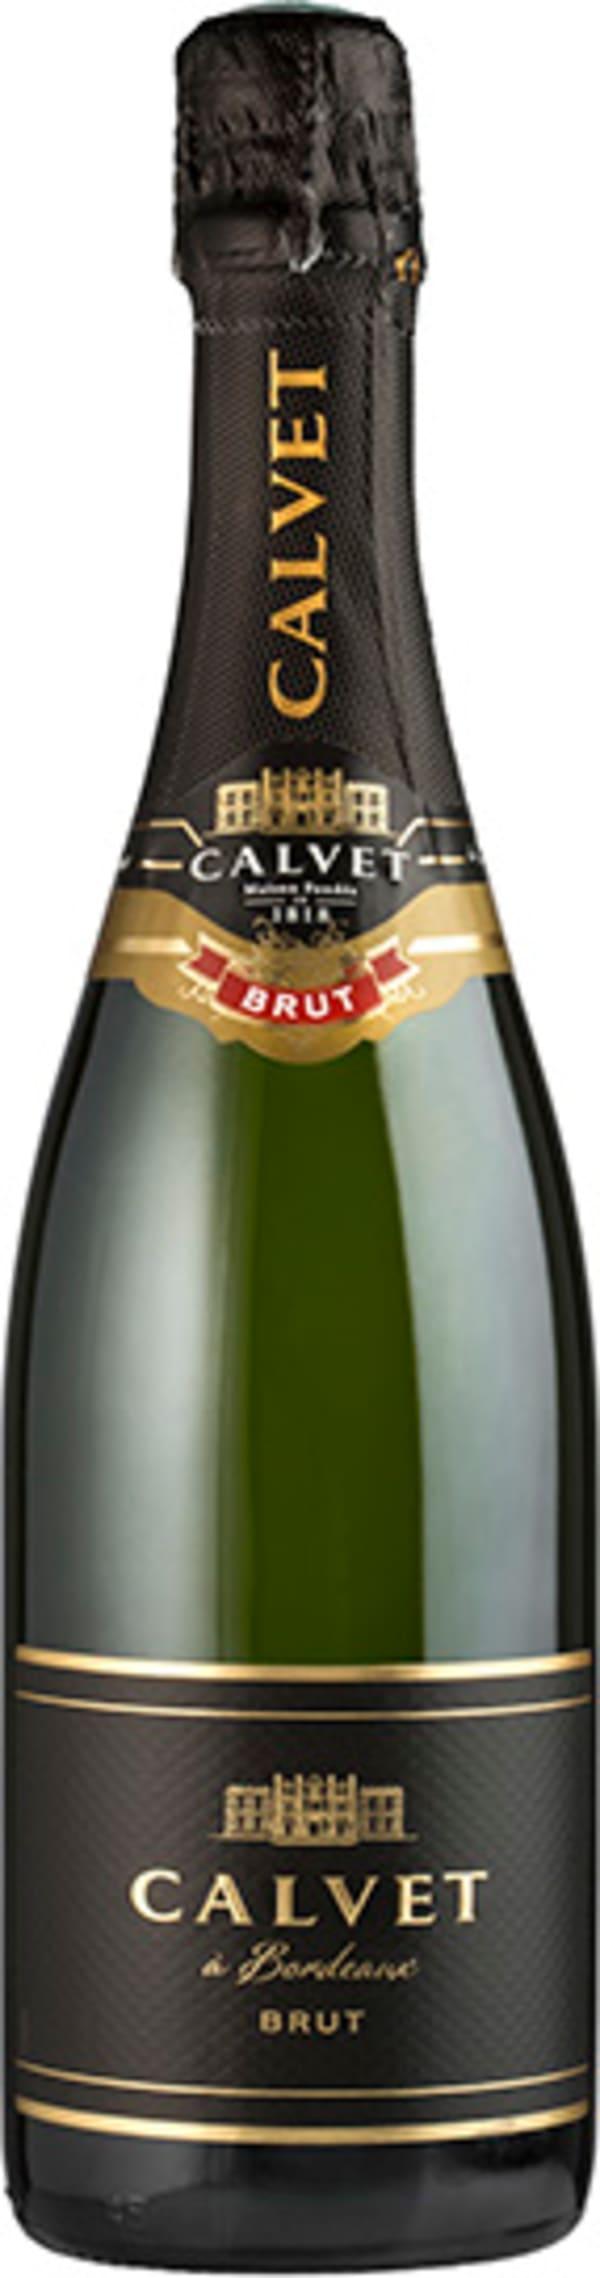 Calvet Crémant de Bordeaux Brut 2016